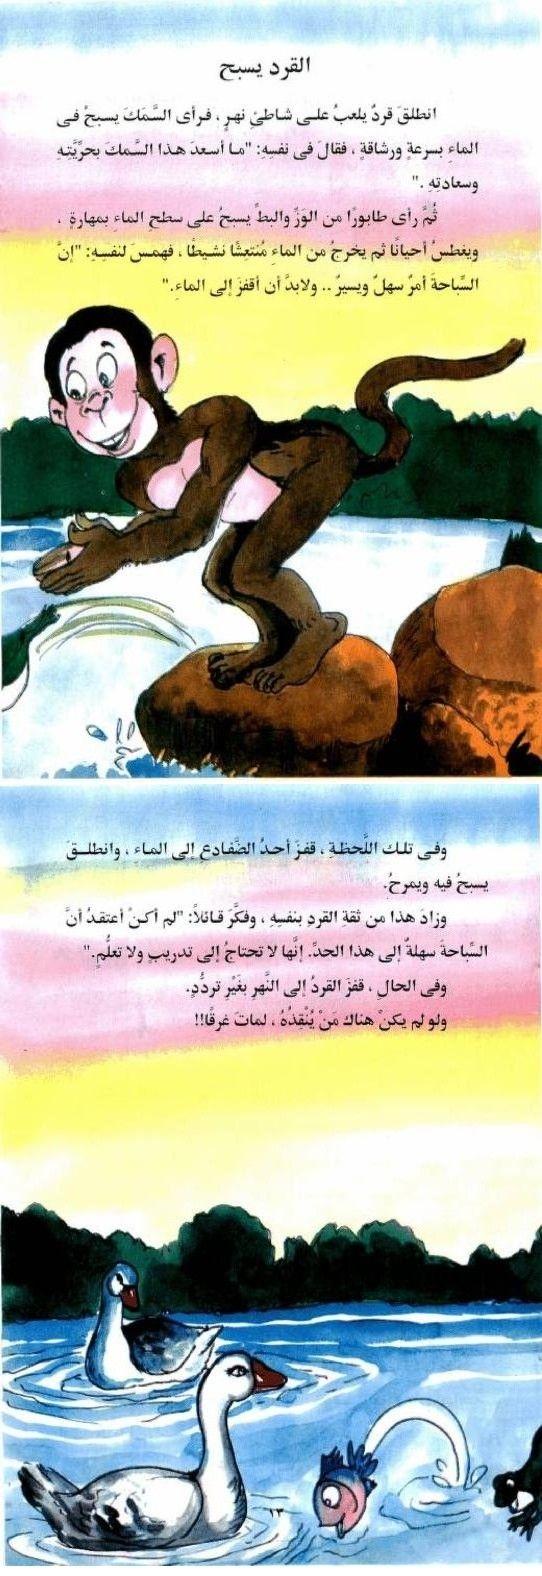 المطالعة المبهجة زهرات من الوادي الخصيب و بقايا الورقات الخضر في الشجرة الجرداء Arabic Books Kids Education Poster